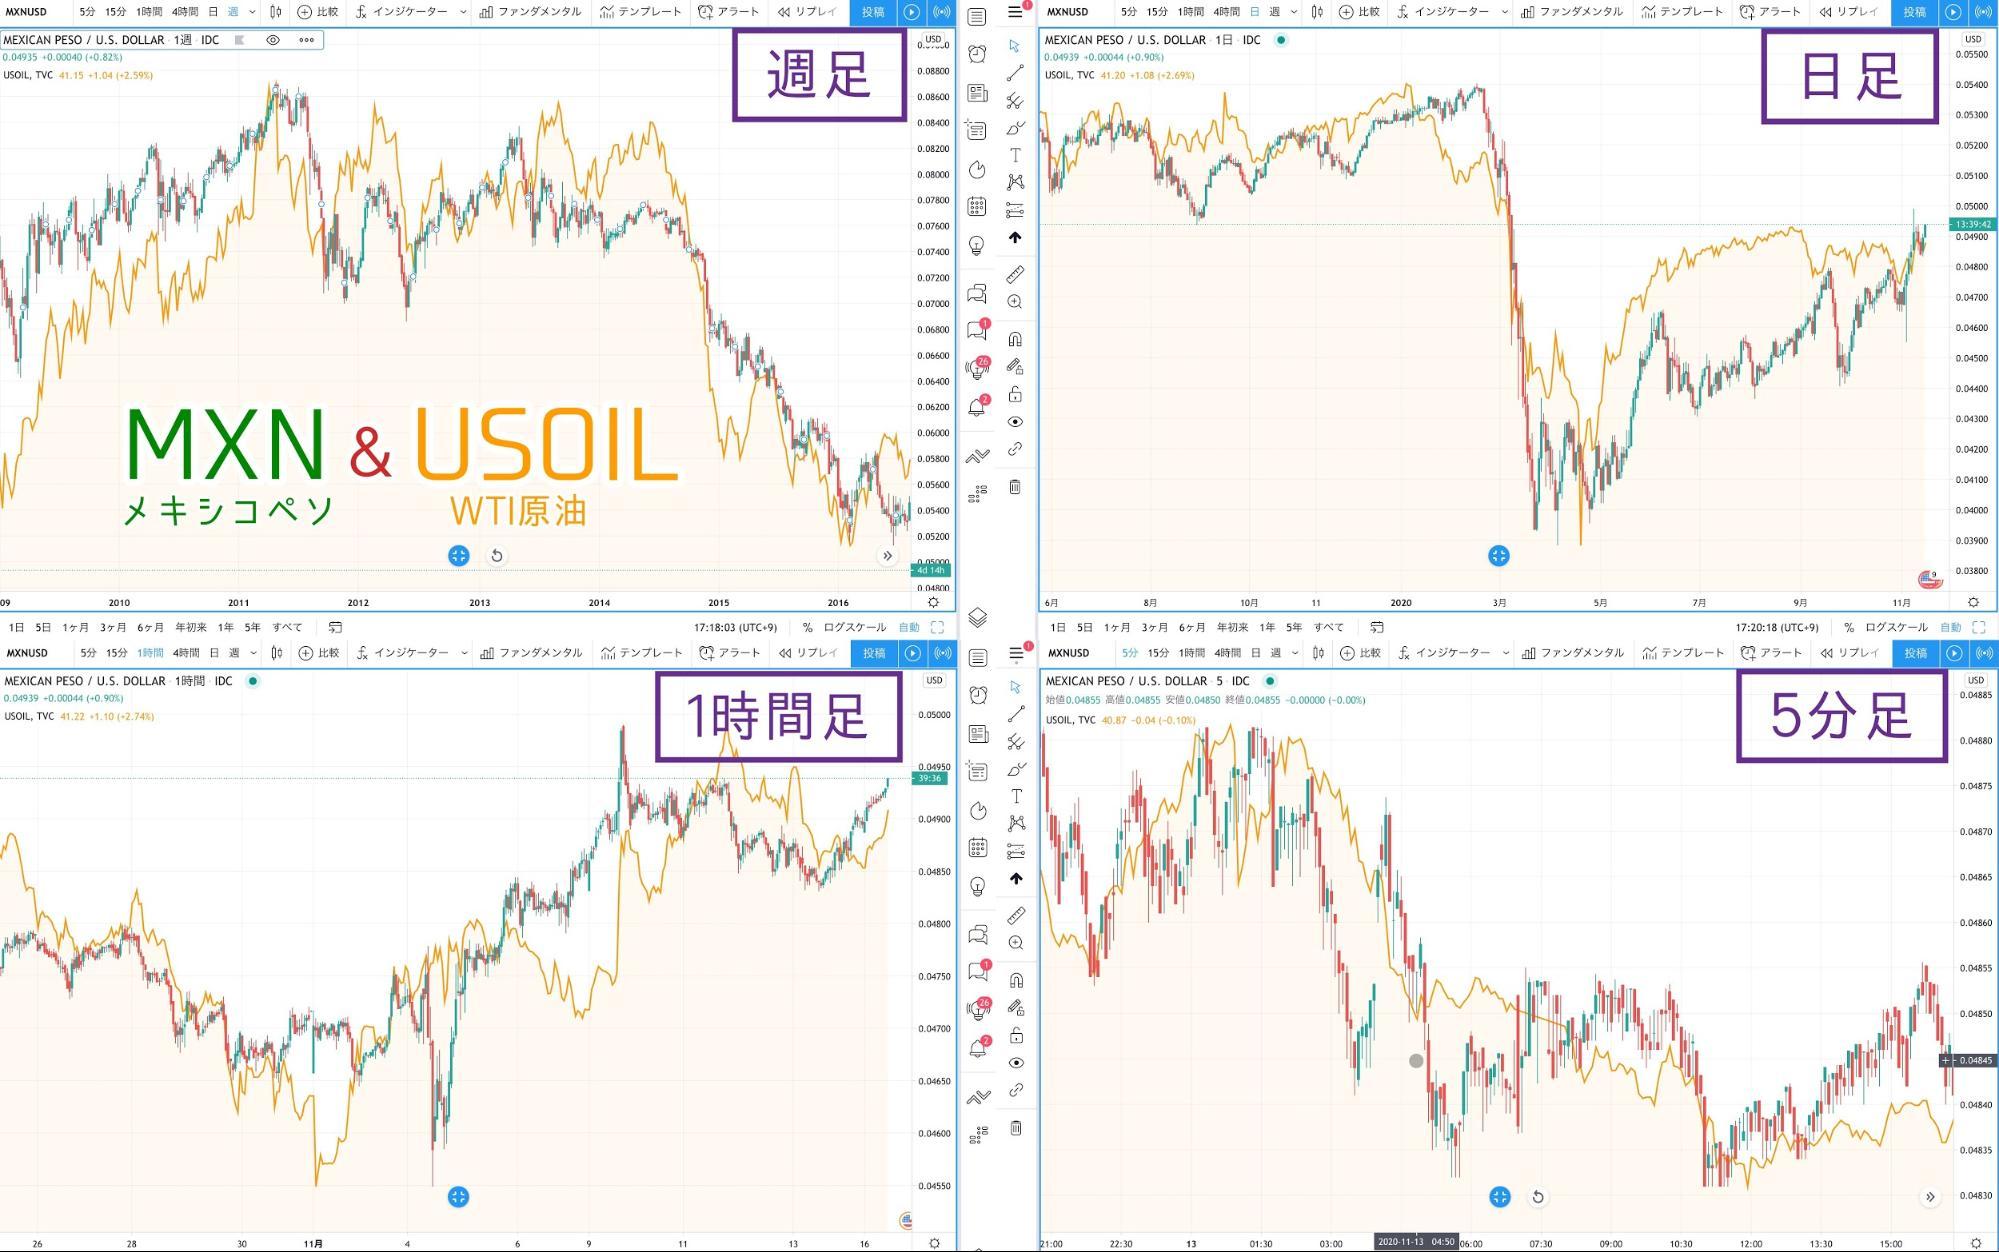 メキシコペソ_MXN_原油価格